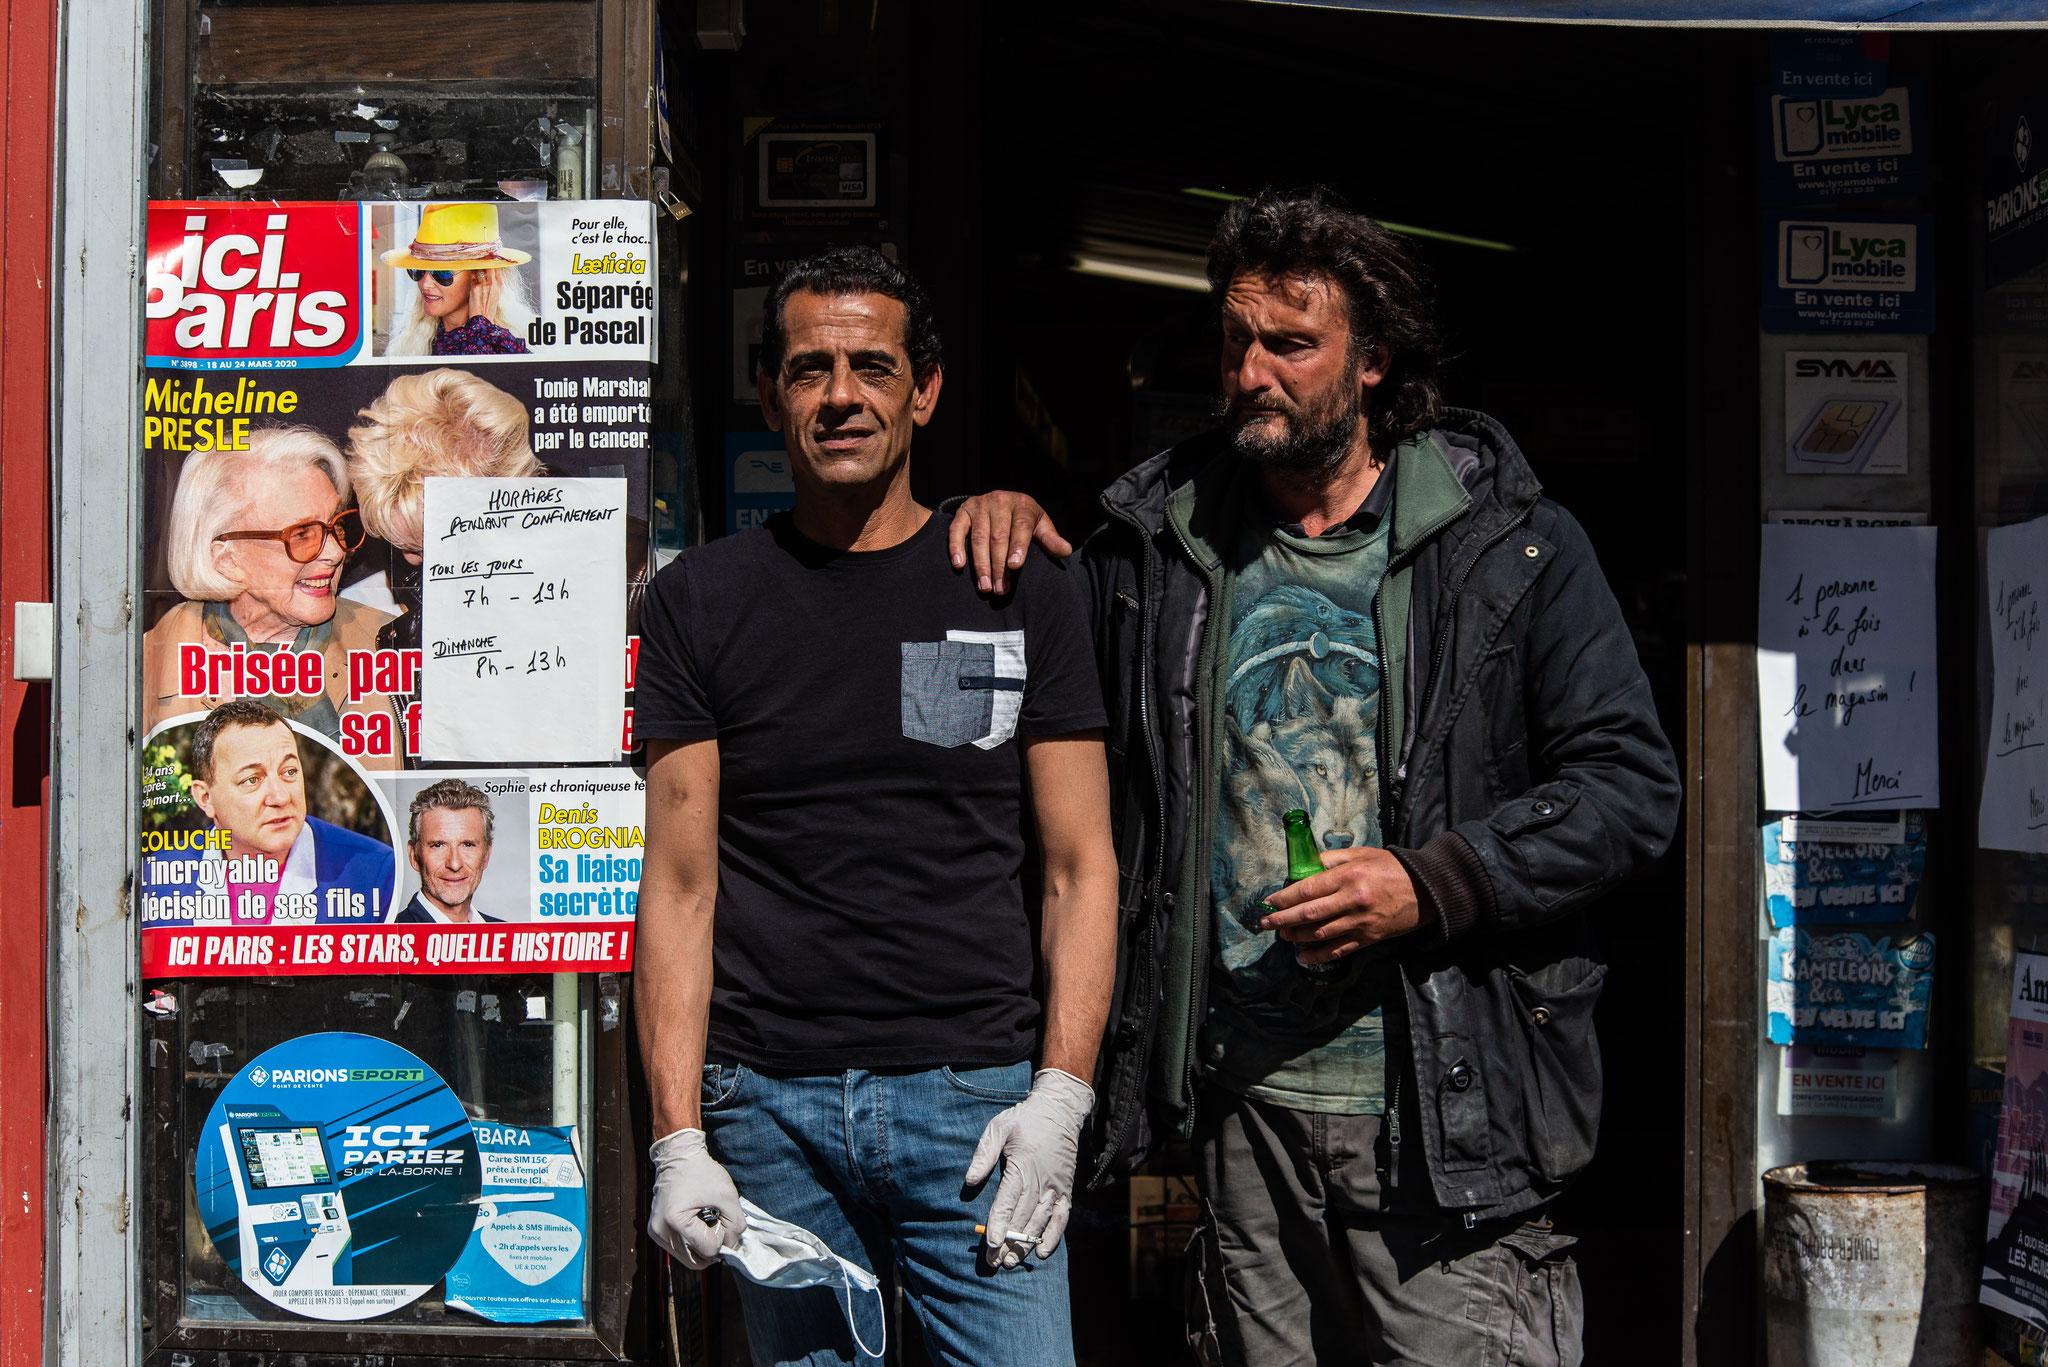 À quelques pas, Marseille confinée, Avril 2020, Léo Derivot